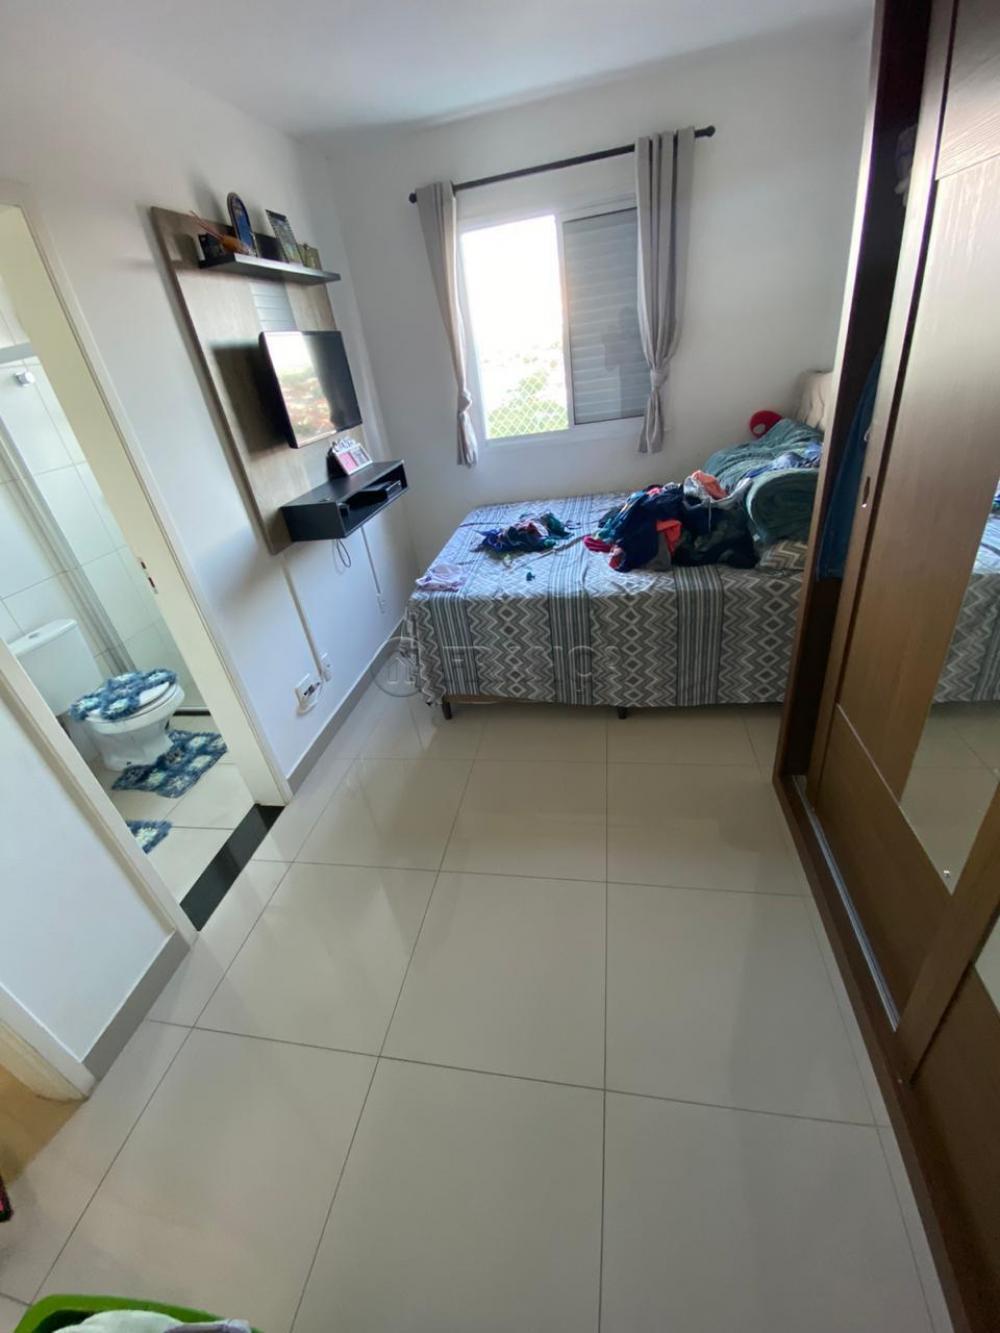 Comprar Apartamento / Padrão em São José dos Campos apenas R$ 480.000,00 - Foto 14